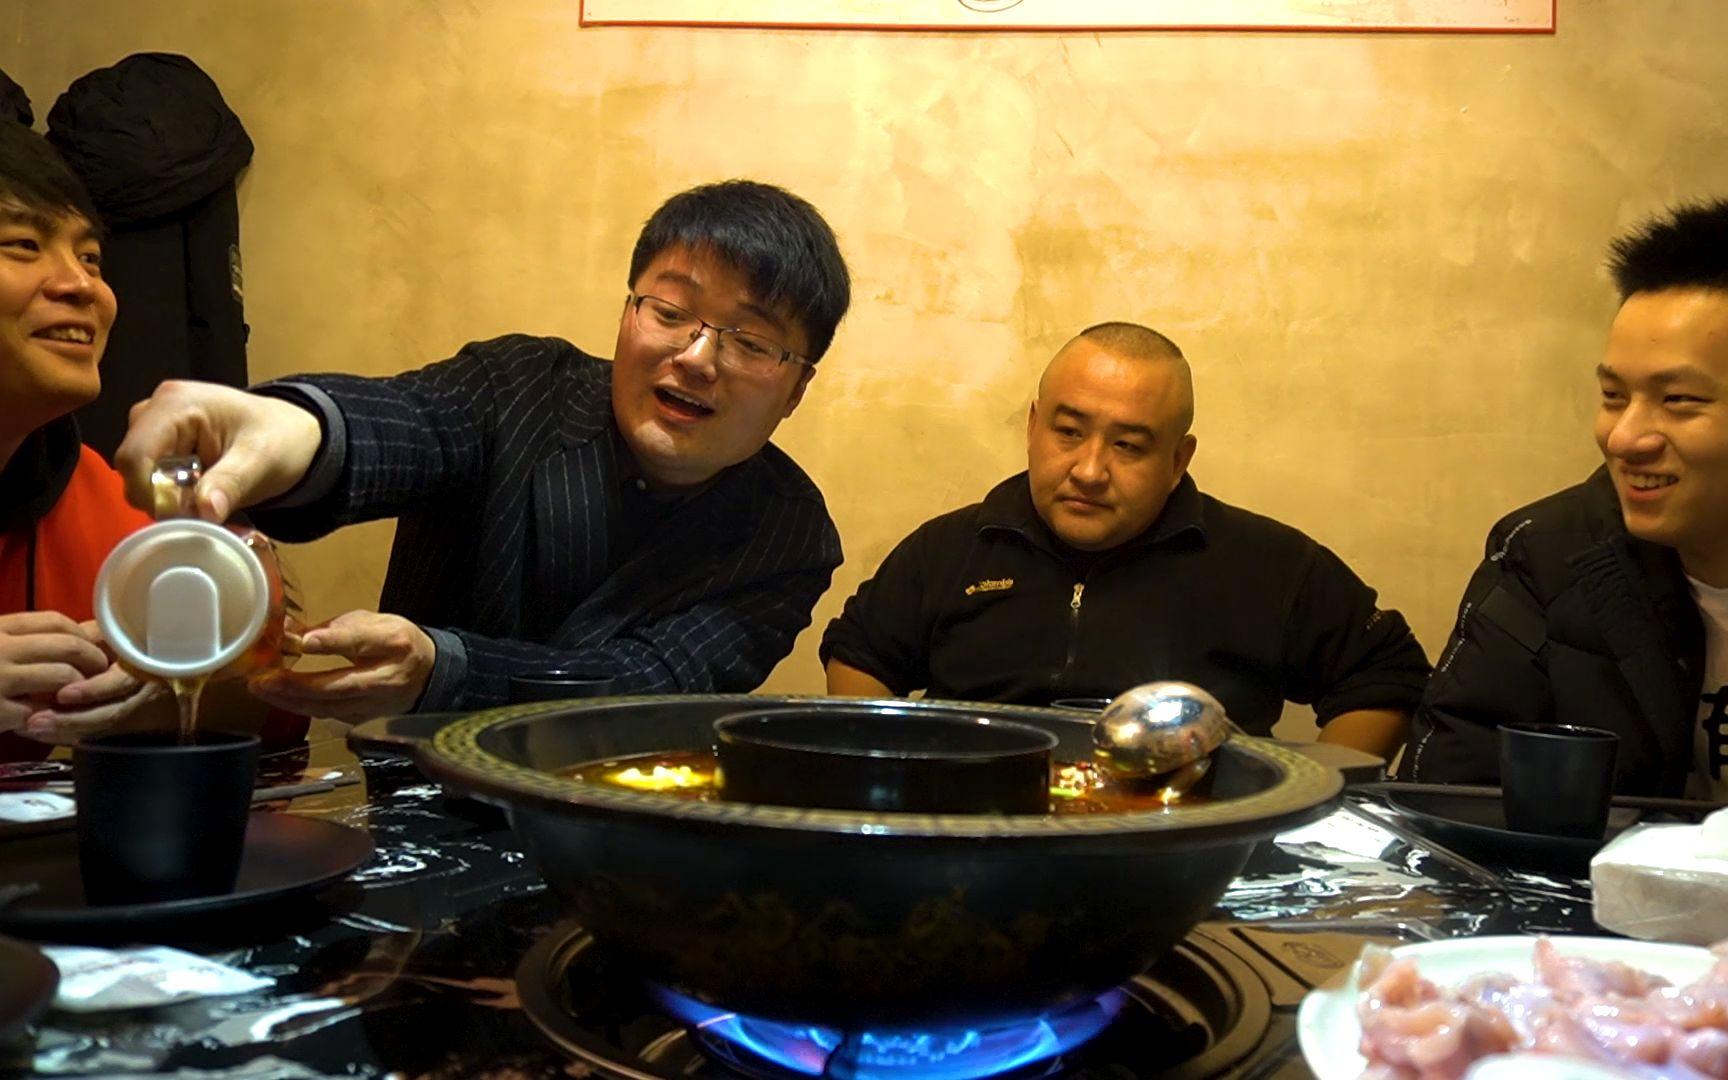 小翔哥,敬汉卿,老白,蛋黄派,我们一起吃蒜吧,火锅烧烤配大蒜,真过瘾